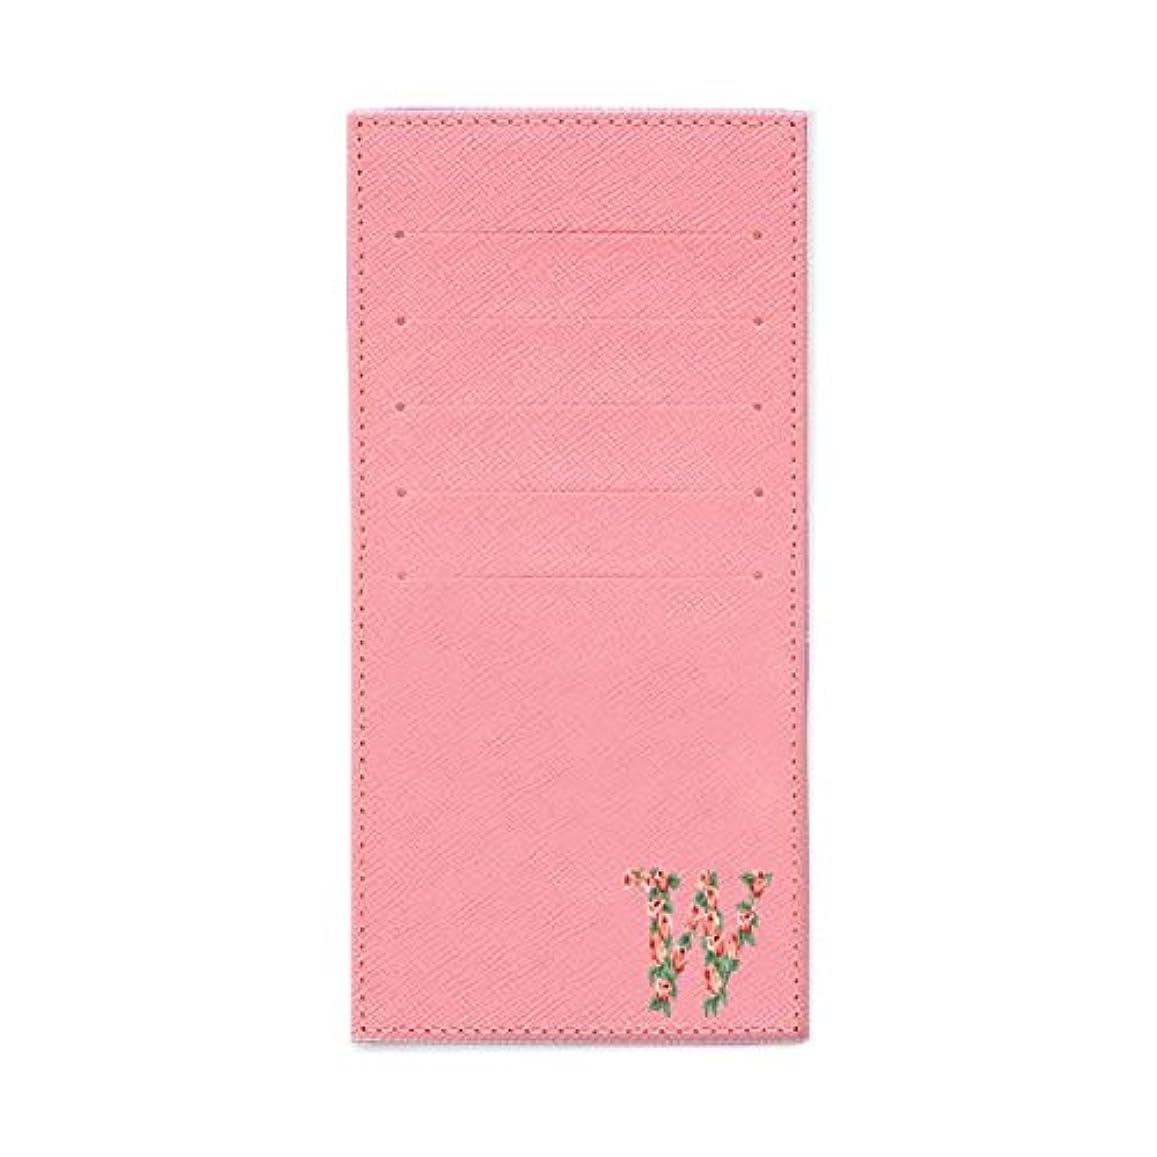 先駆者タービンエイリアンインナーカードケース 長財布用カードケース 10枚収納可能 カード入れ 収納 プレゼント ギフト 2811フラワーネーム ( W ) パウダーピンク mirai